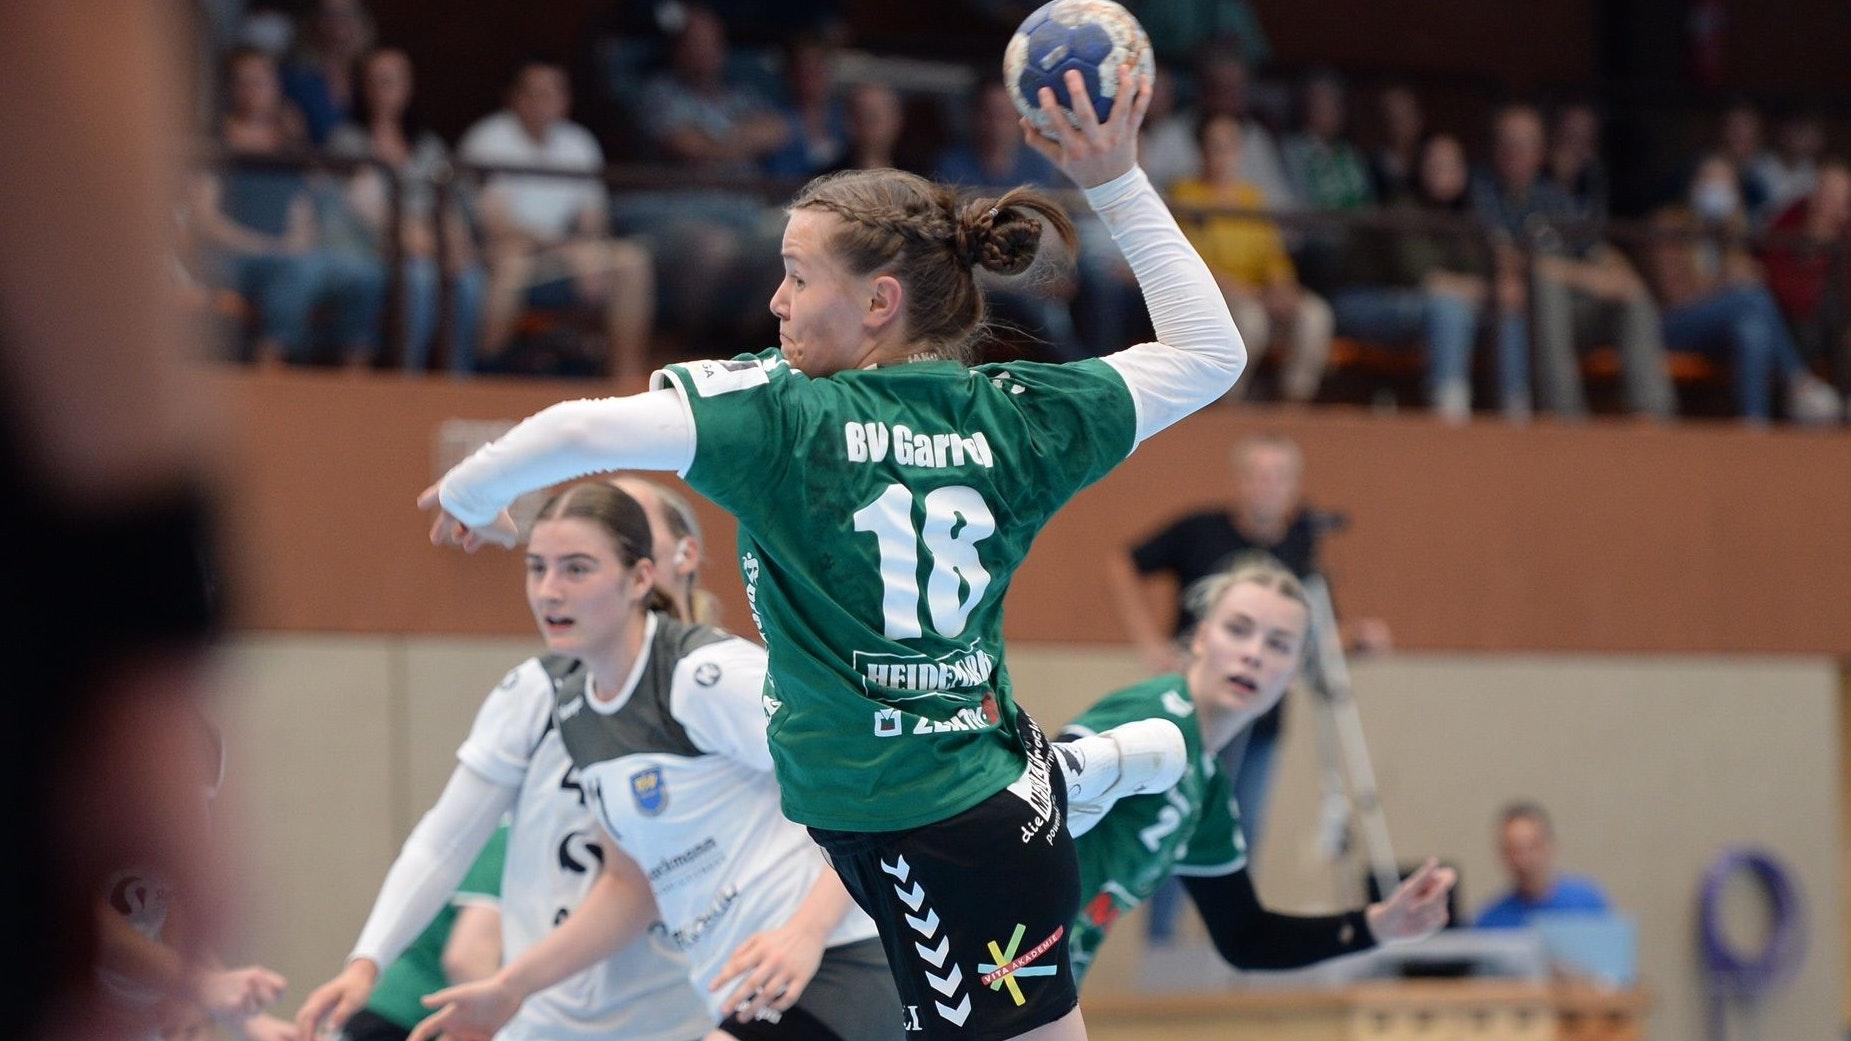 Sechs Treffer steuerte Lotta Stolle (Nummer 18) zum Garreler 29:22-Sieg gegen Buxtehude II (links: Maja Schönefeld) bei. Rechts: Lisa-Marie Fragge. Foto: Langosch